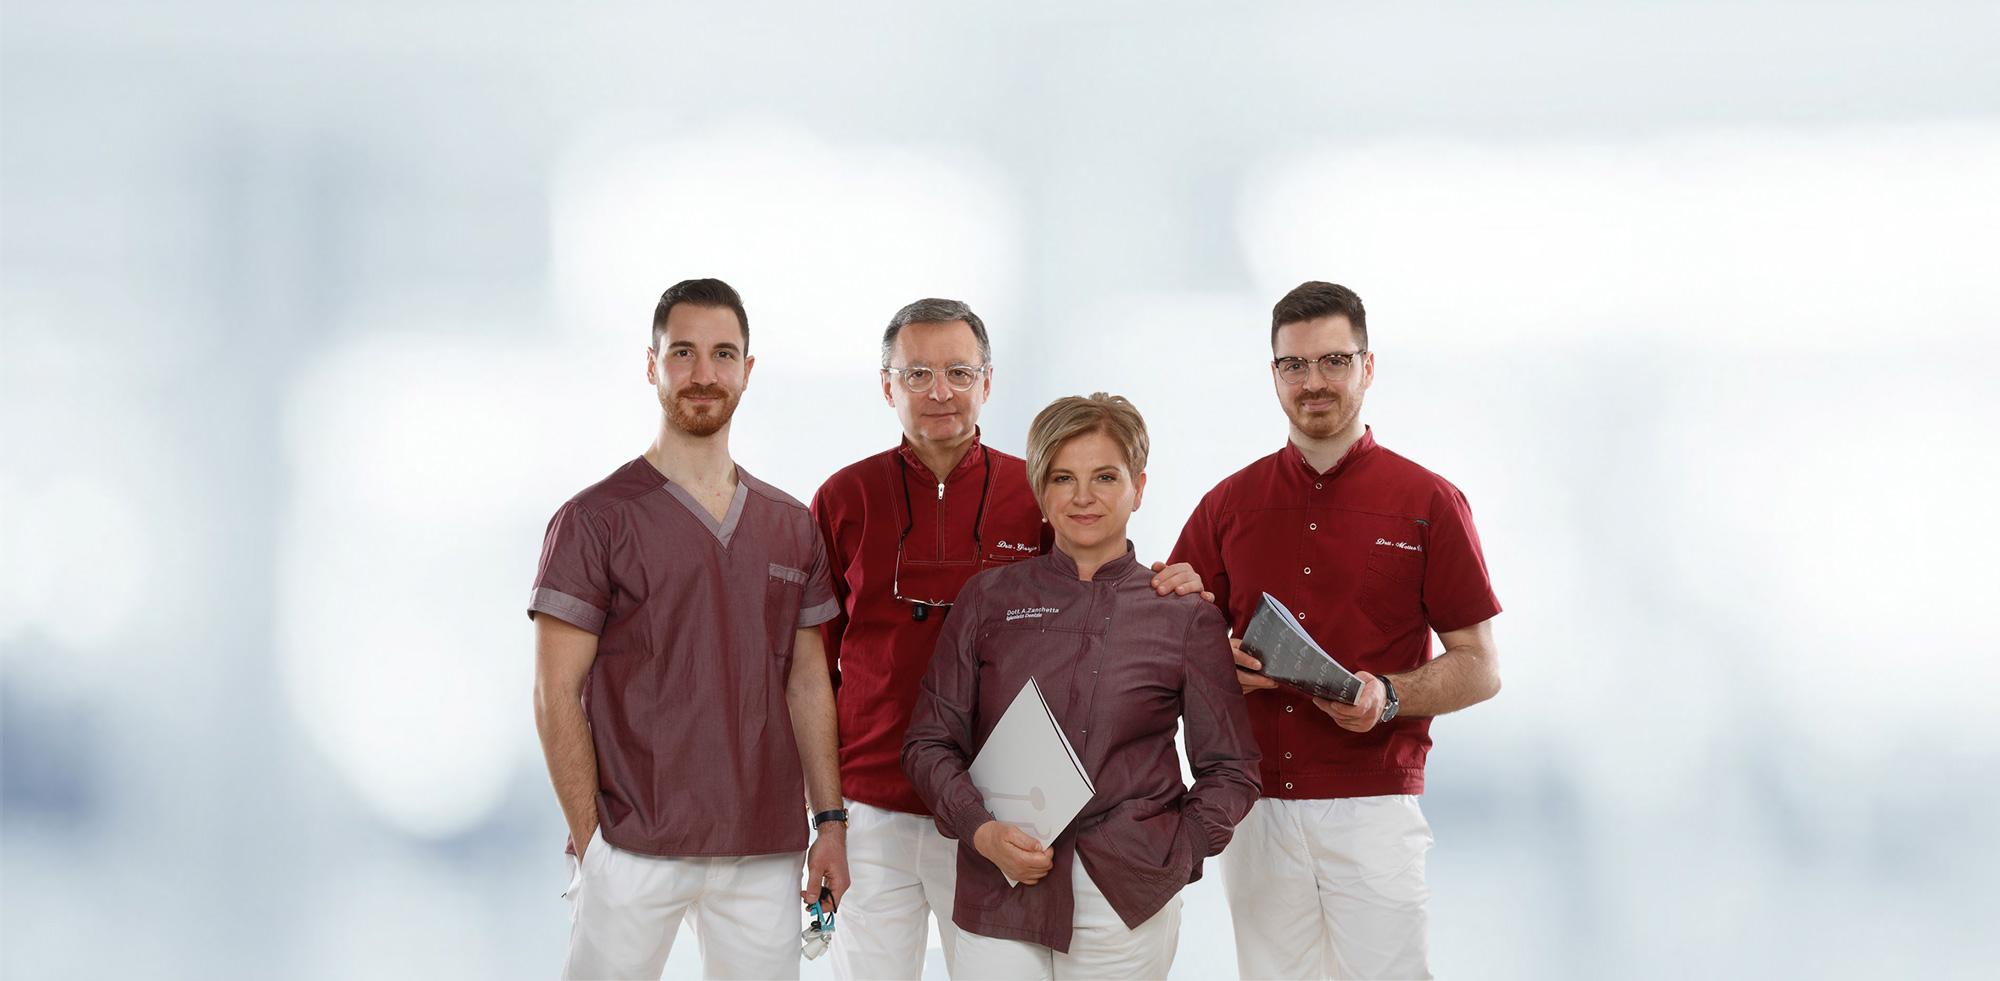 Odontoiatrica-Dottori-Val-dentisti-santa-lucia-di-piave-conegliano